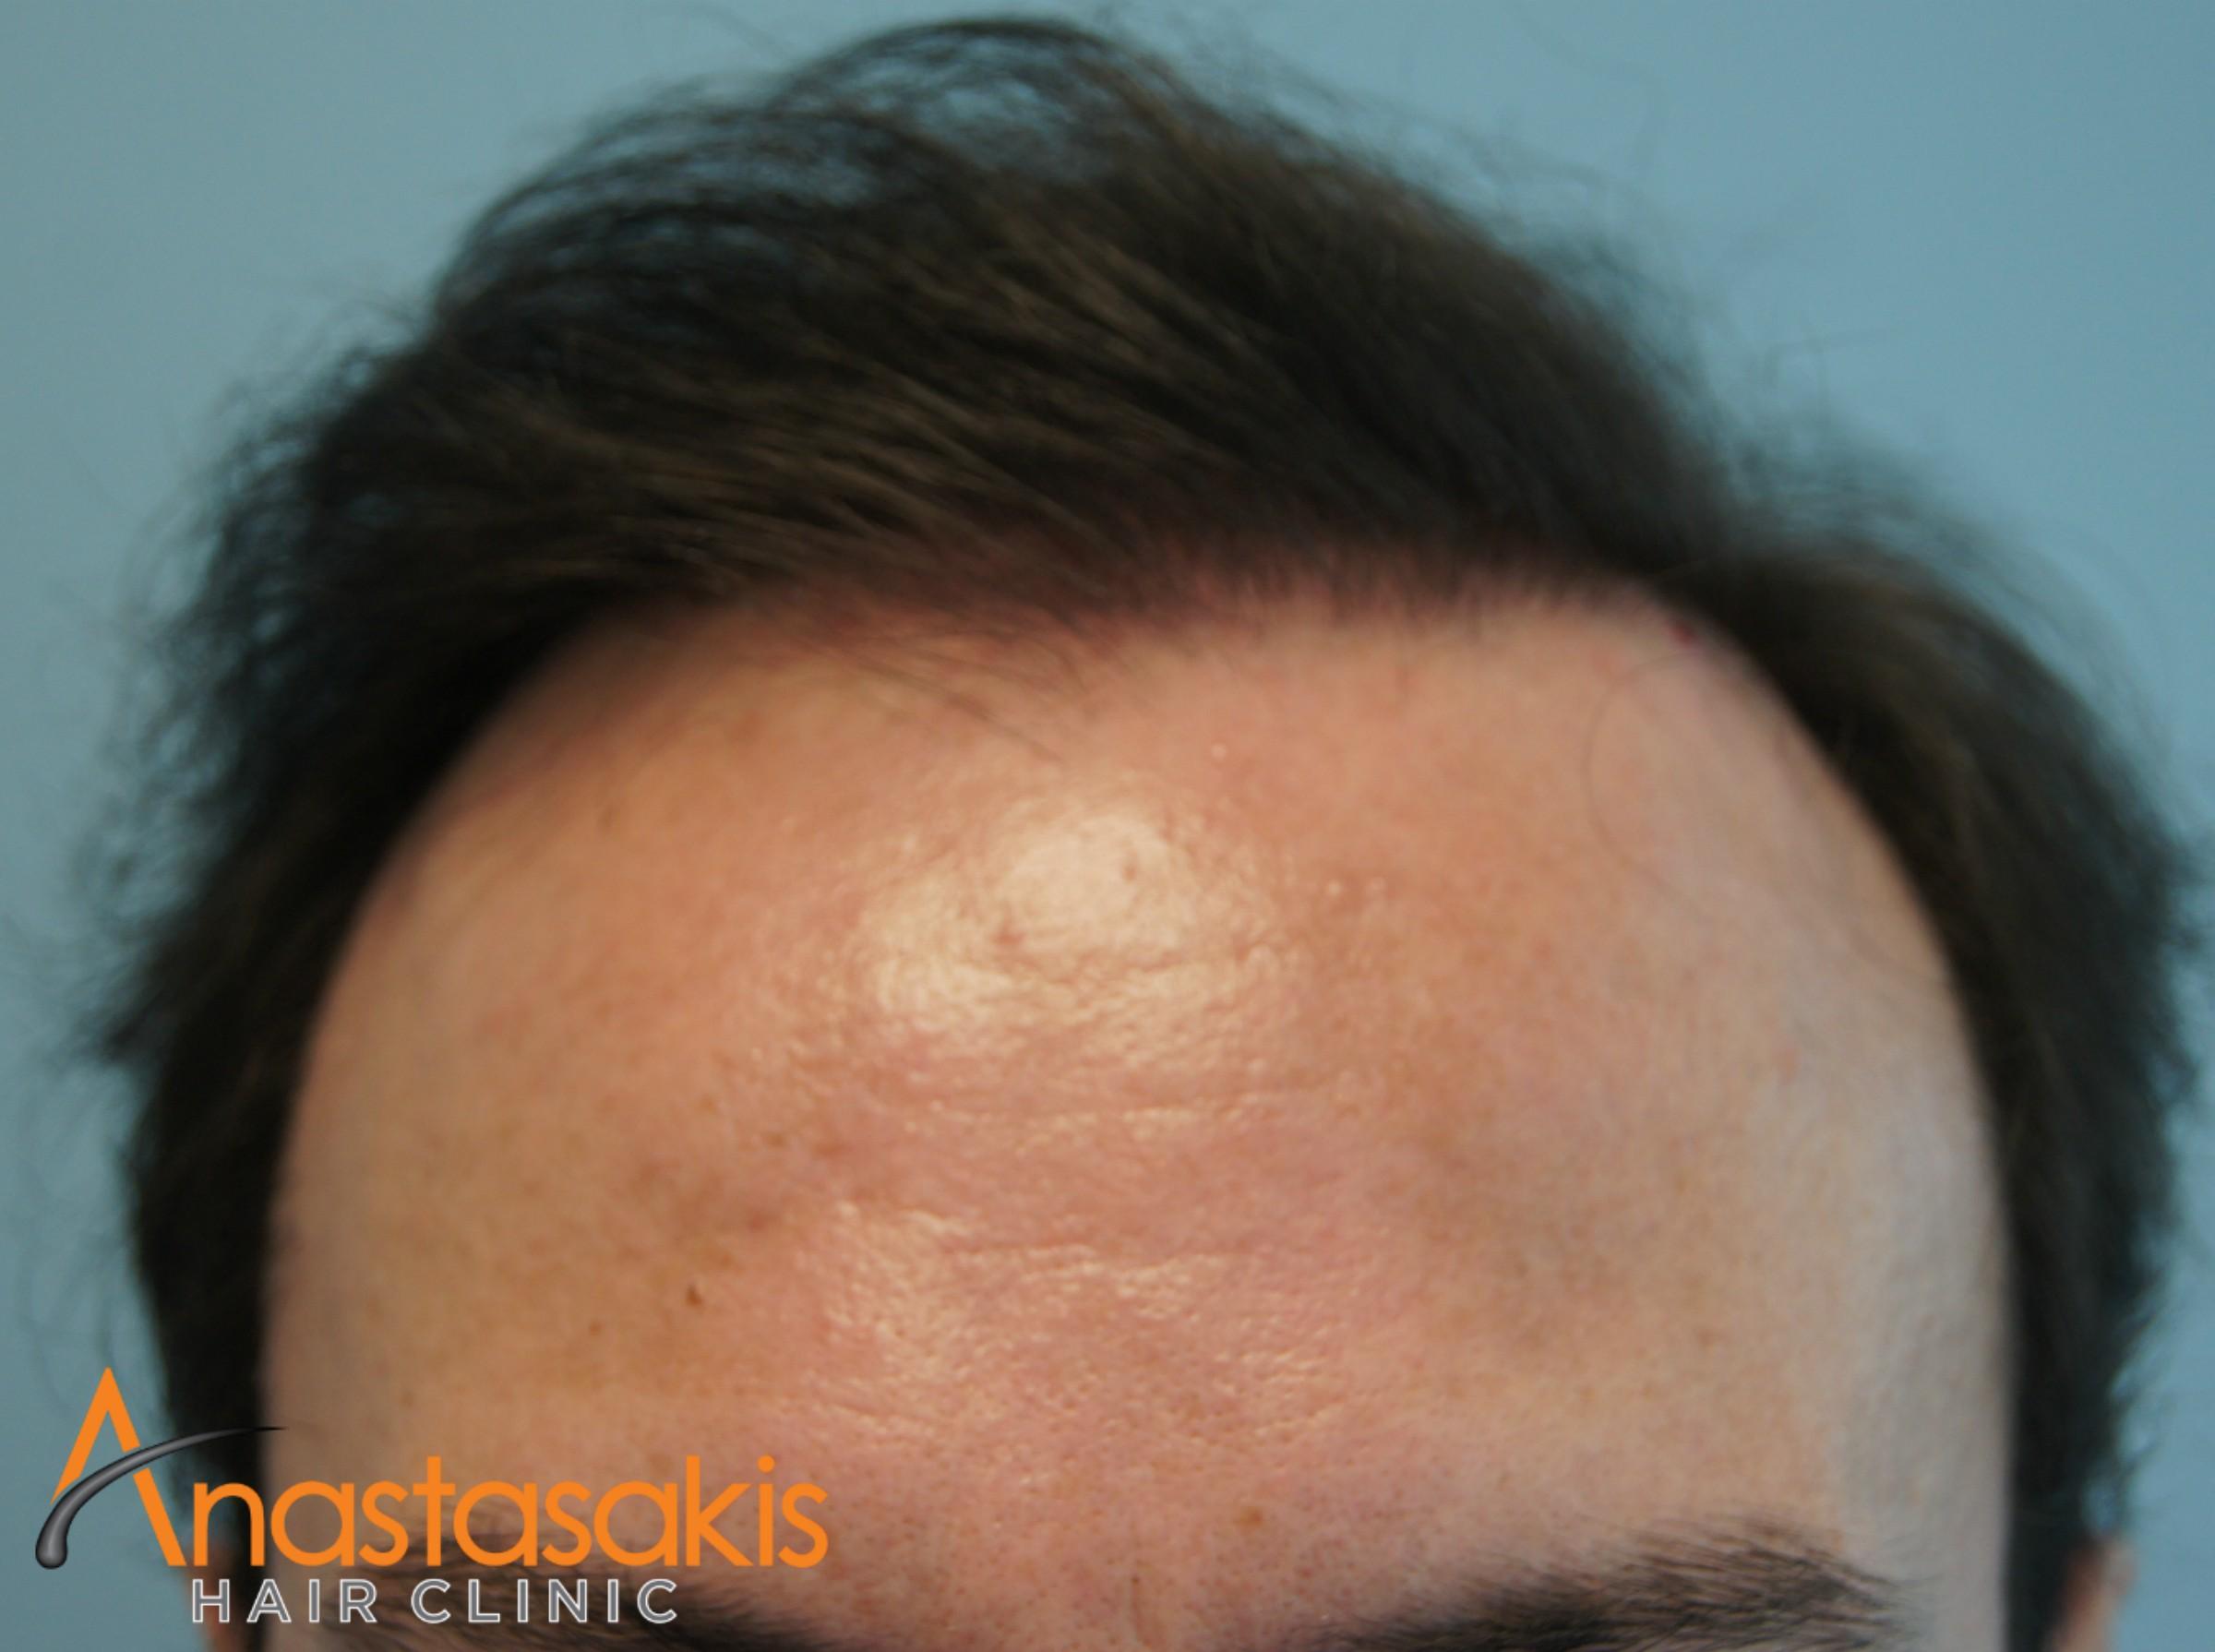 περιστατικό μετά την εμφύτευση μαλλιών fut με 3000fus hairline